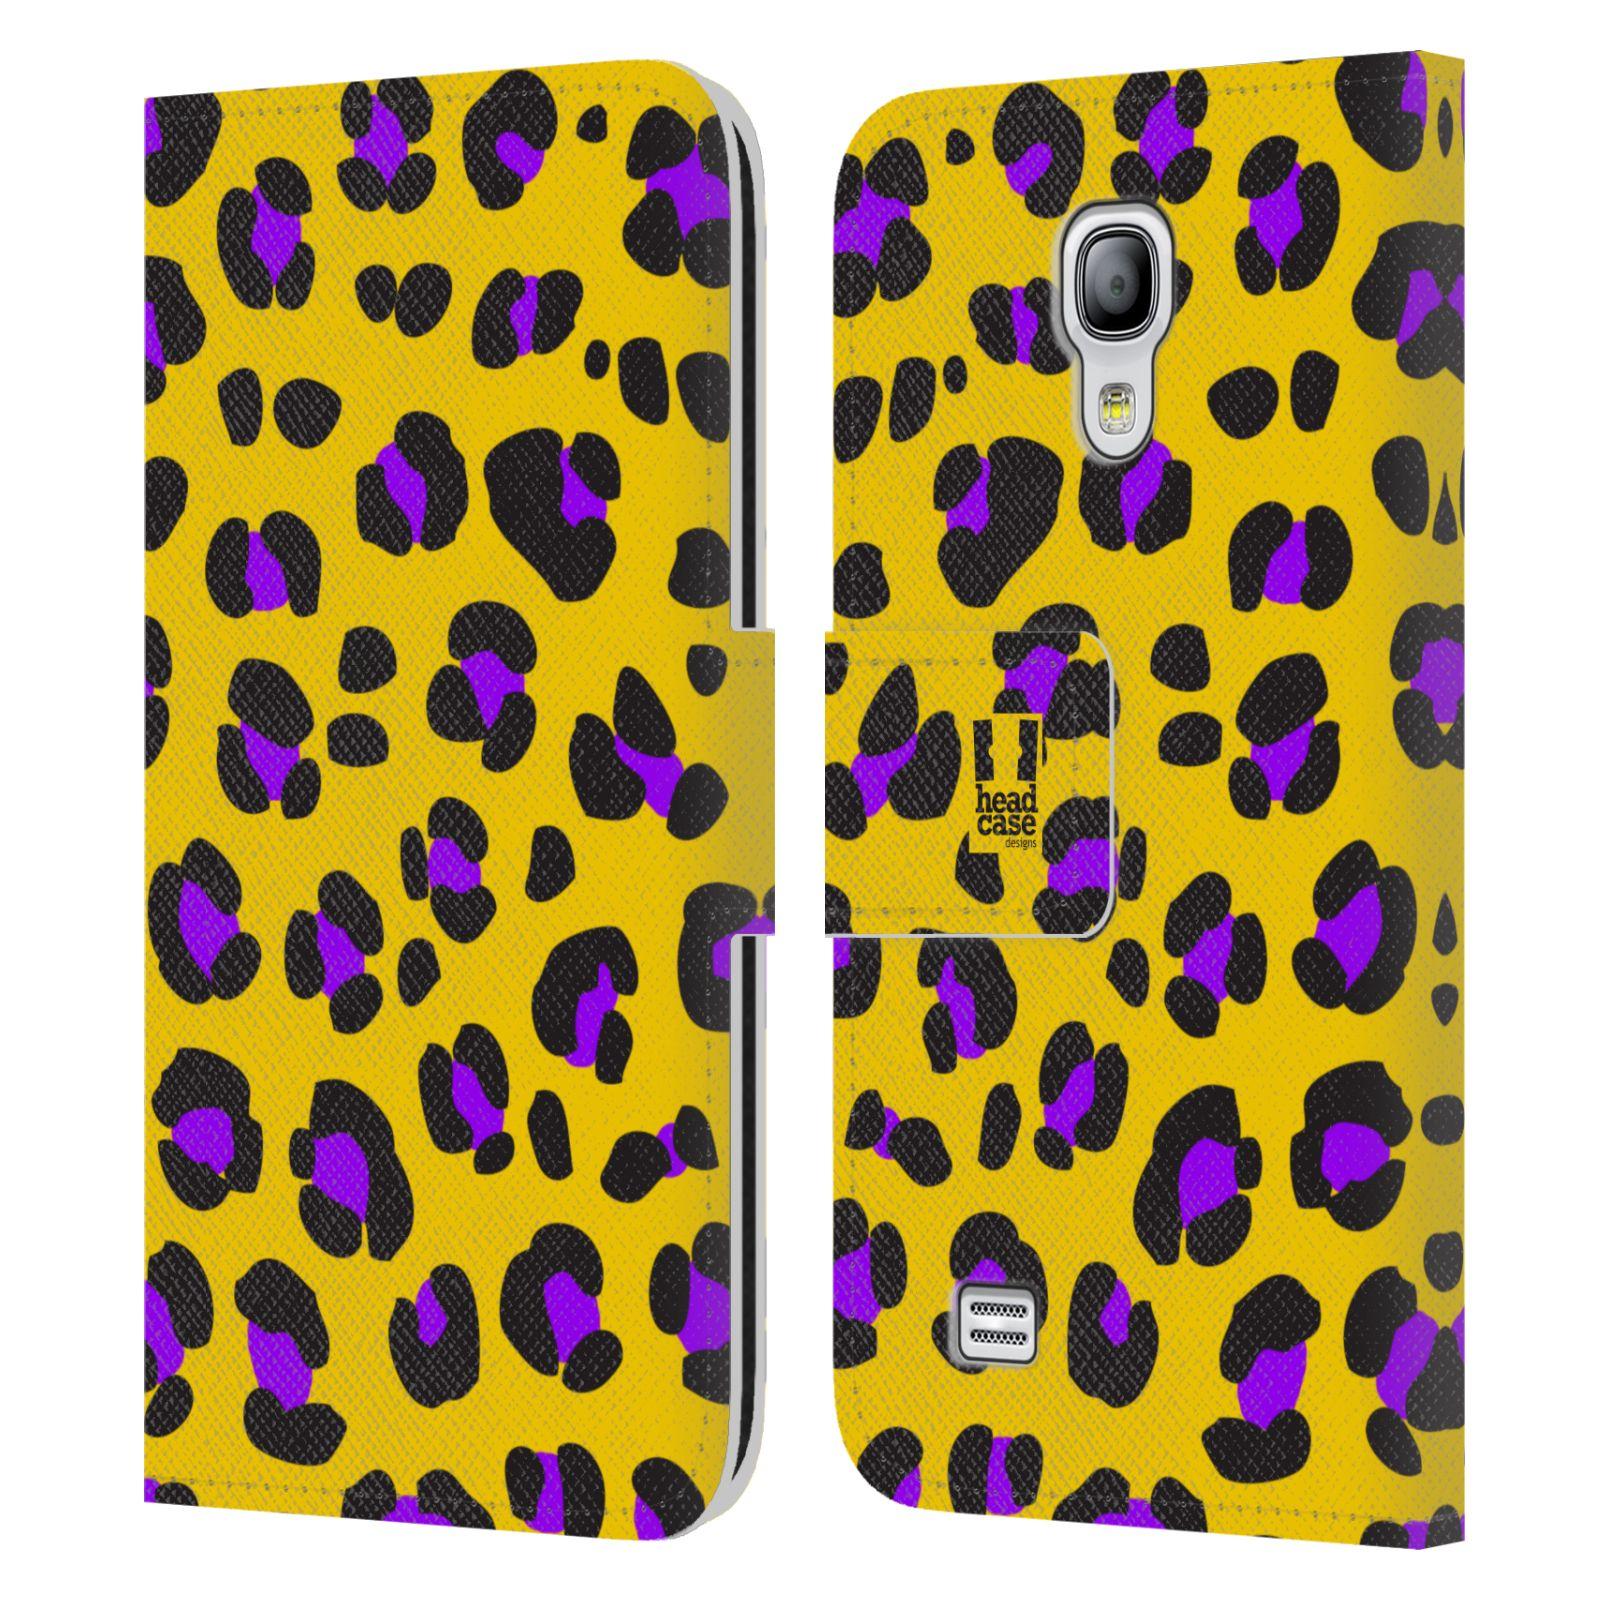 HEAD CASE Flipové pouzdro pro mobil Samsung Galaxy S4 MINI / S4 MINI DUOS Zvířecí barevné vzory žlutý leopard fialové skvrny